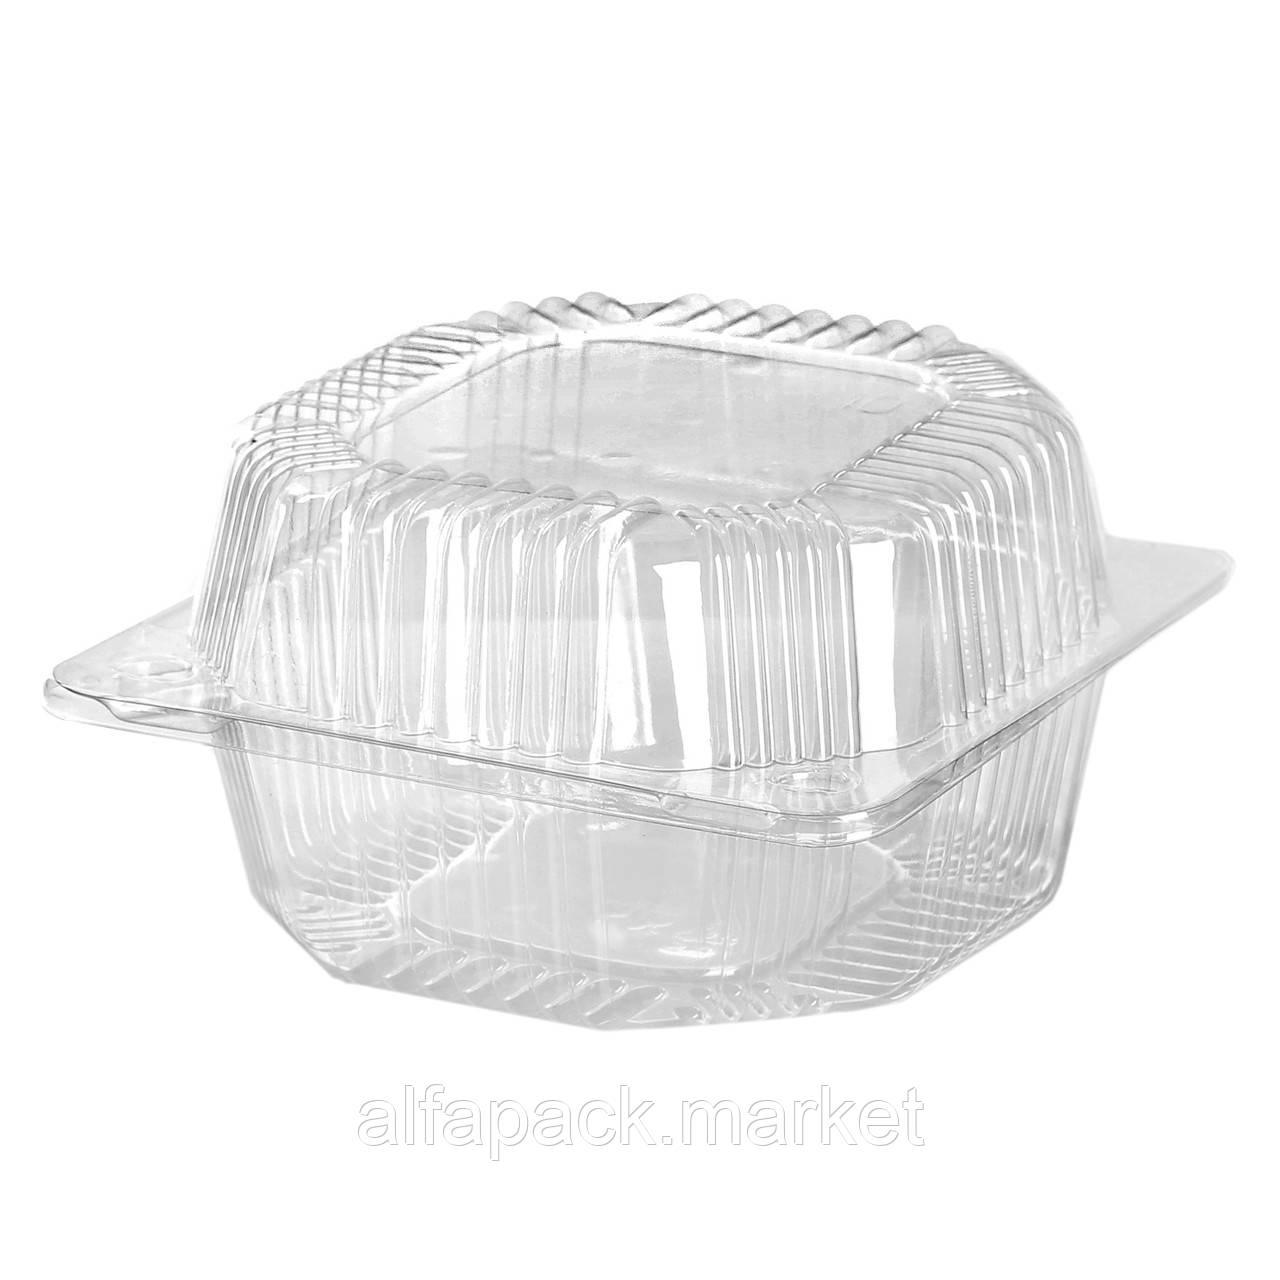 Пластиковый контейнер, блистер ПС-10, 135*130*74 (500 шт в ящике) 010100018